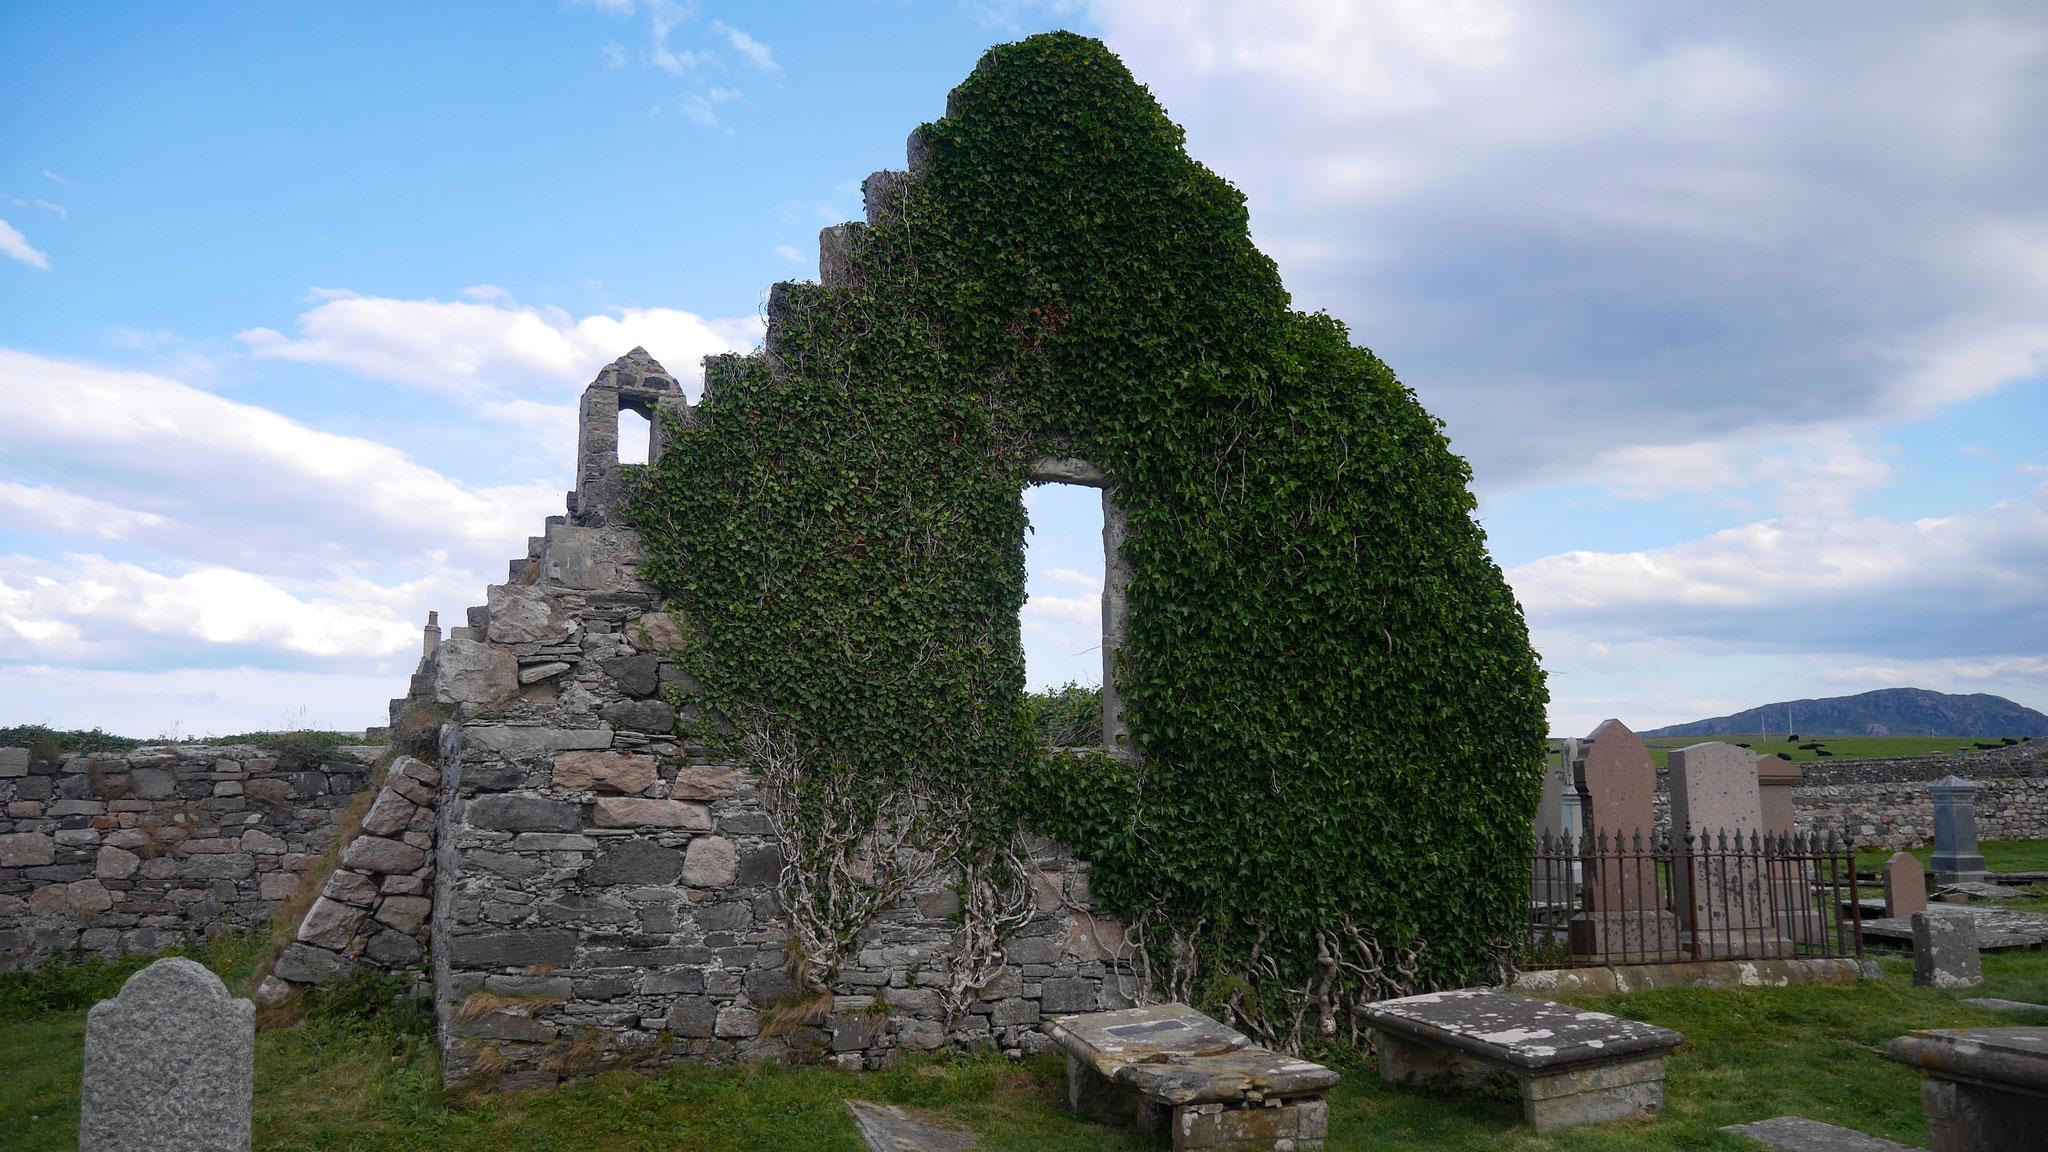 Balnakeil Village - Friedhof